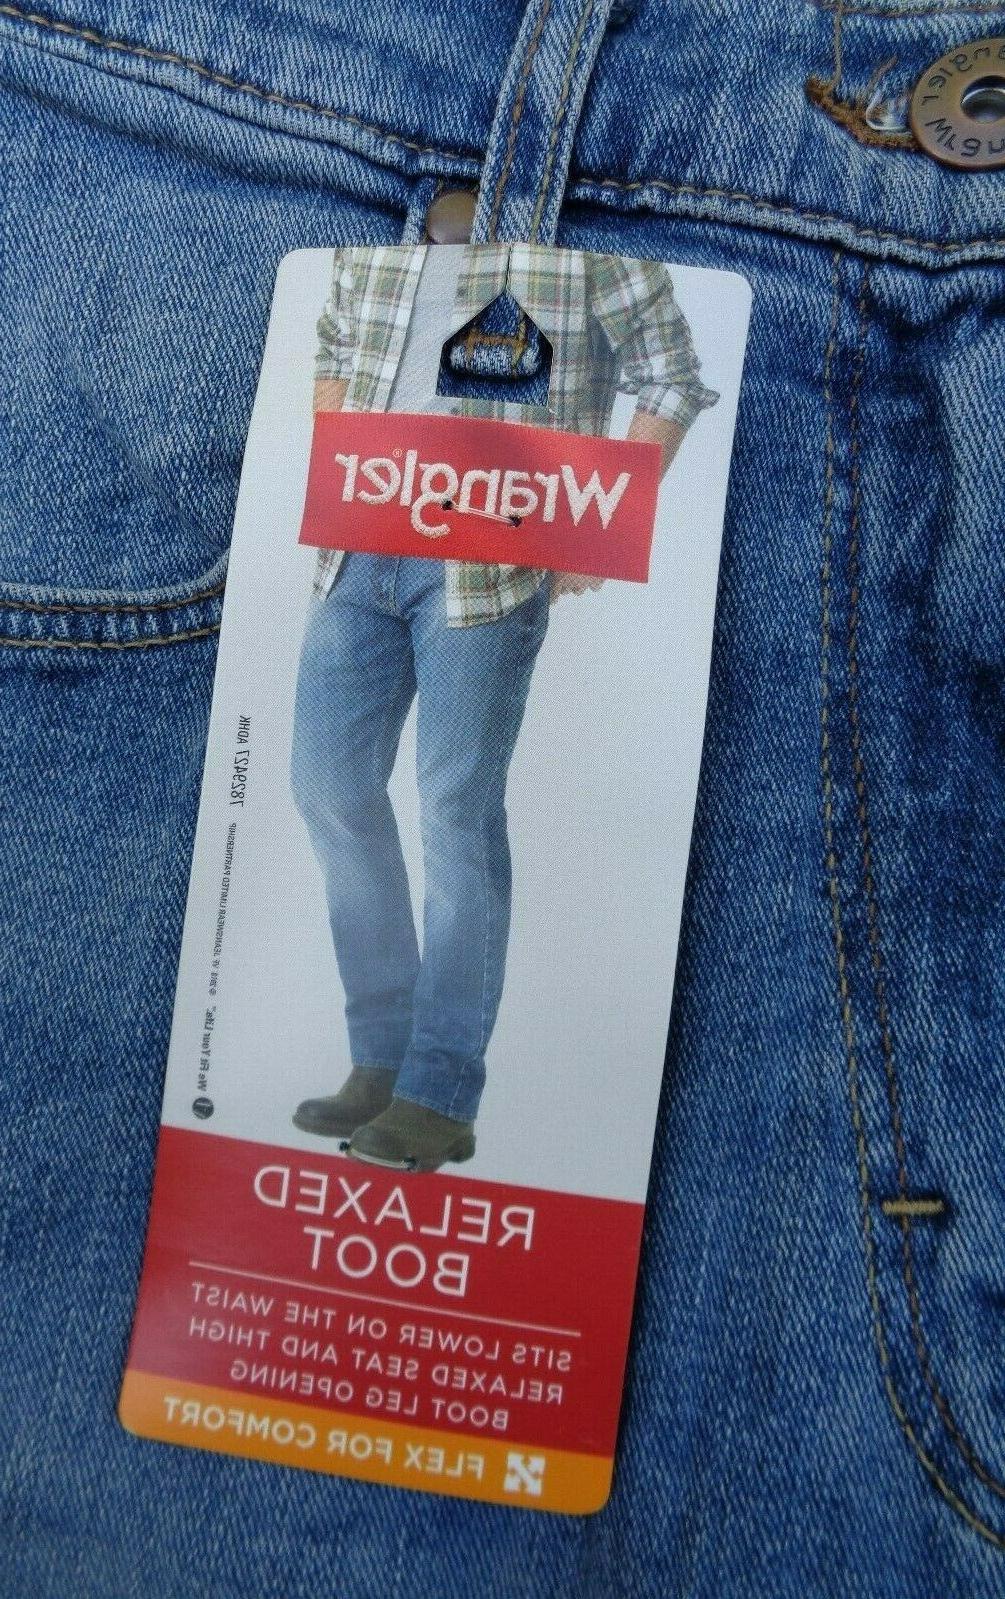 NEW Wrangler Fit Denim Jeans X 32 NWT